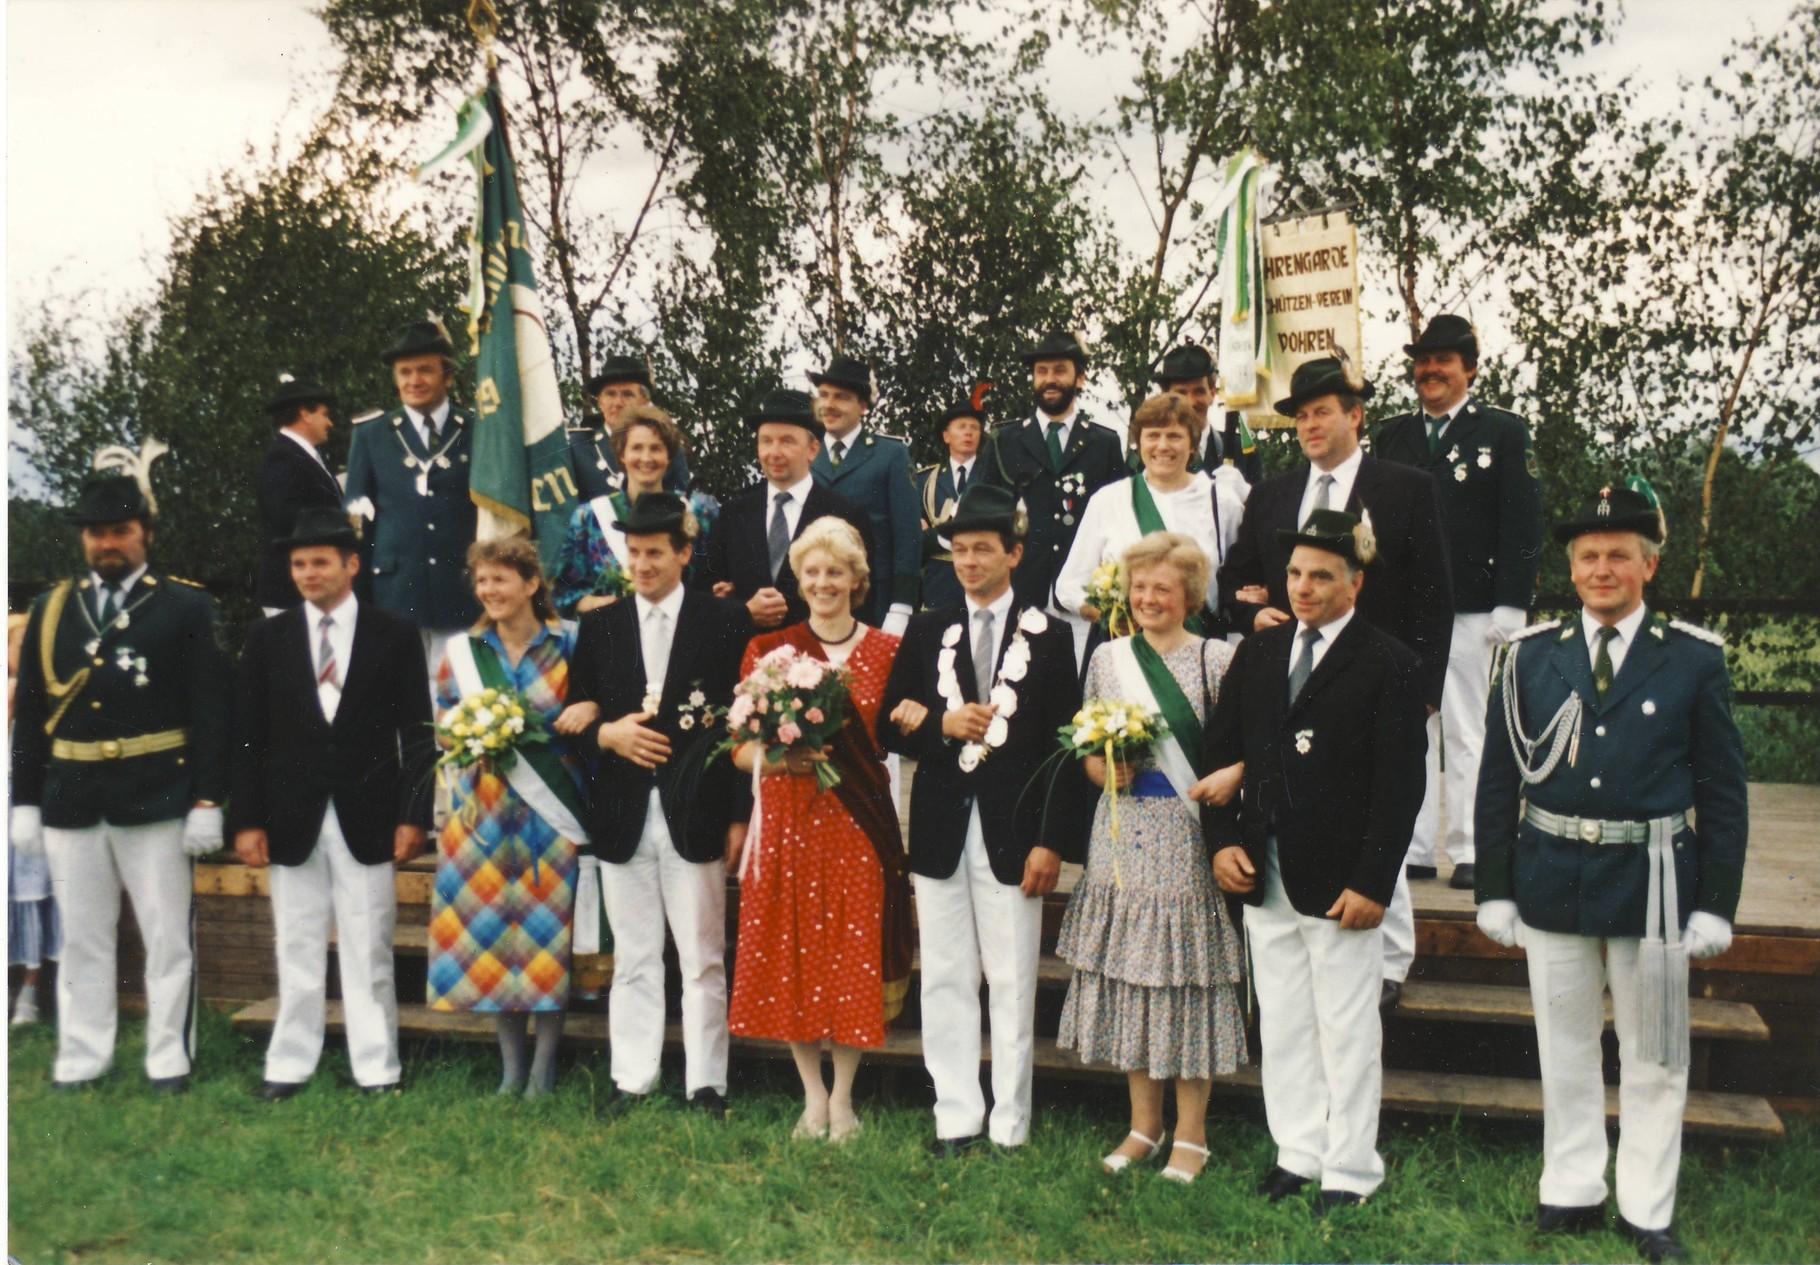 1988: König Heinz-Josef Große Hartmann und Königin Margret Große Hartmann